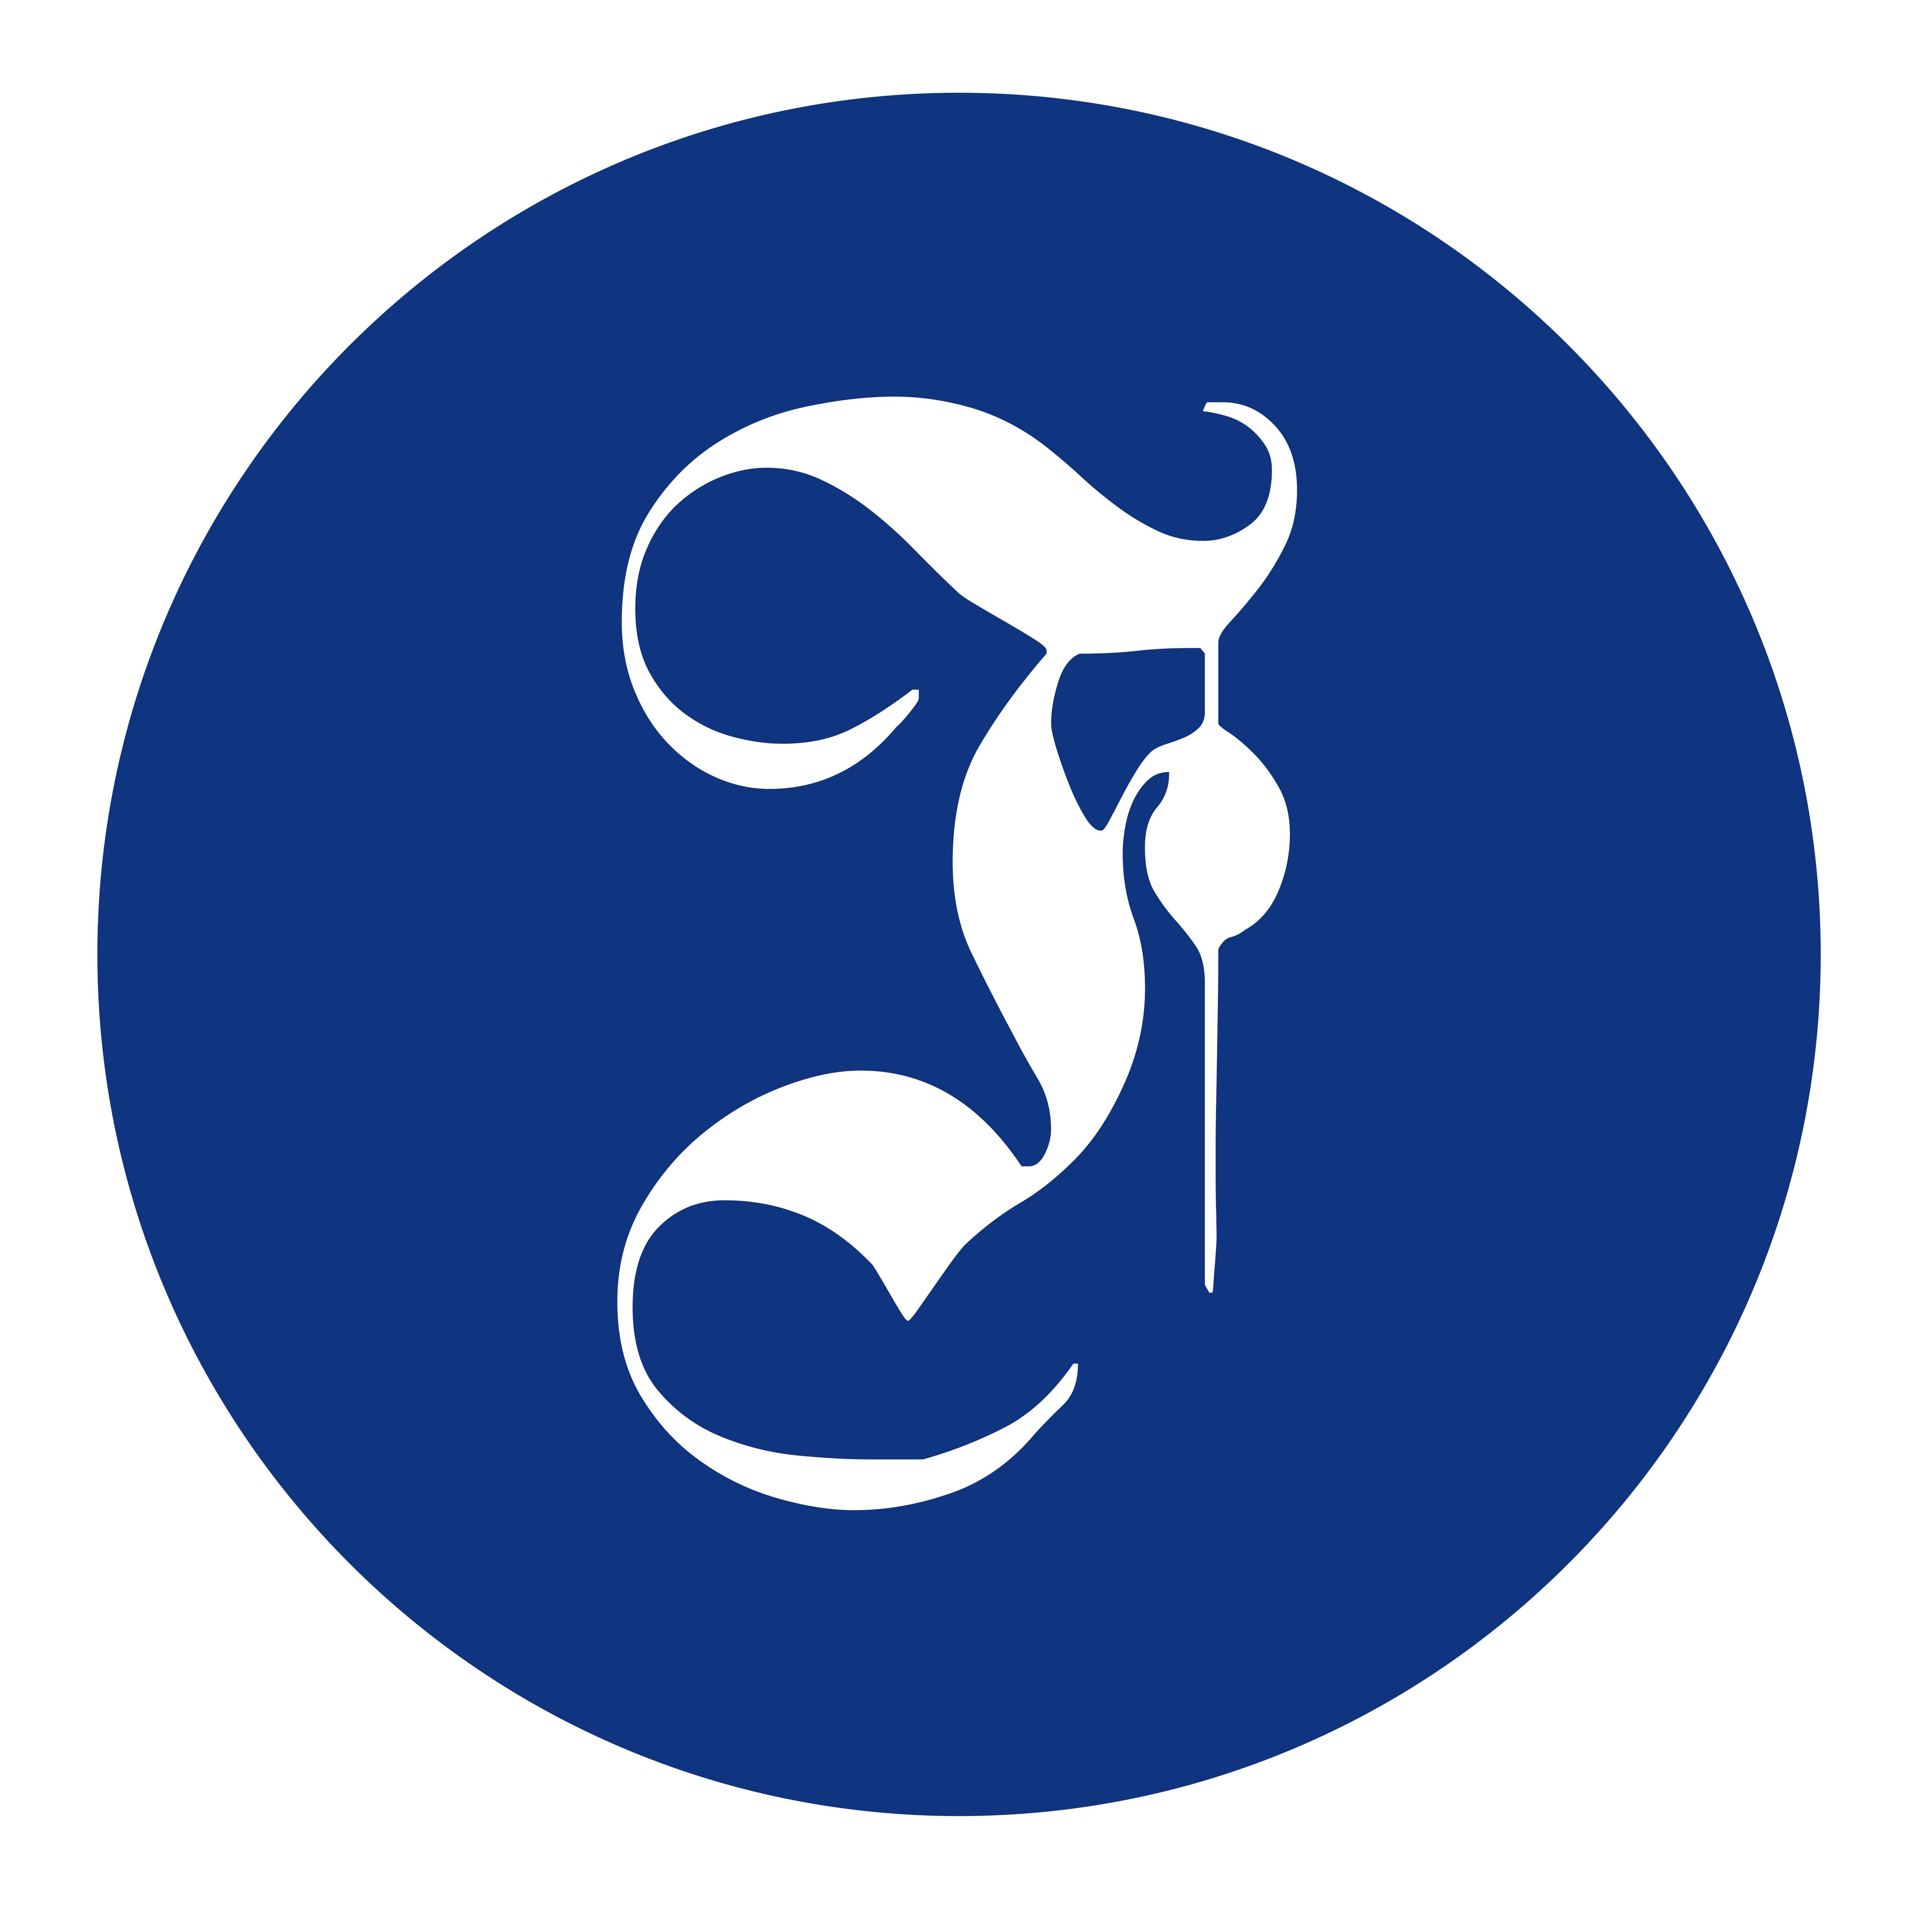 Feeler Design - logo